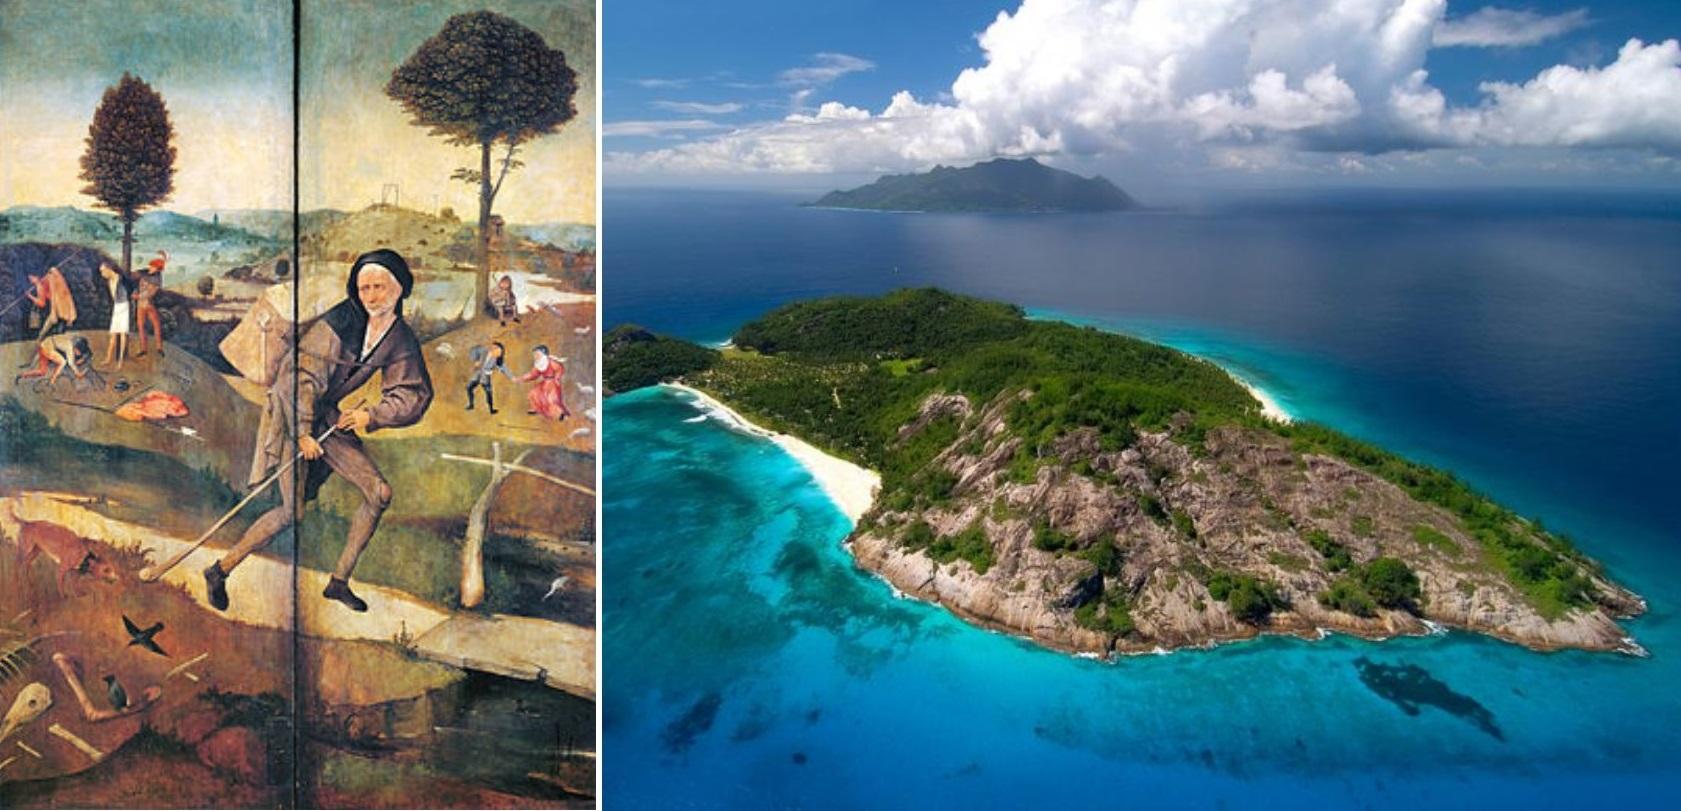 """L'Isola delle Bestie: """"Le Isole Mirabili"""" di Angelo Arioli: i demoni, la loro descrizione, e le creature di Hieronymus Bosch"""